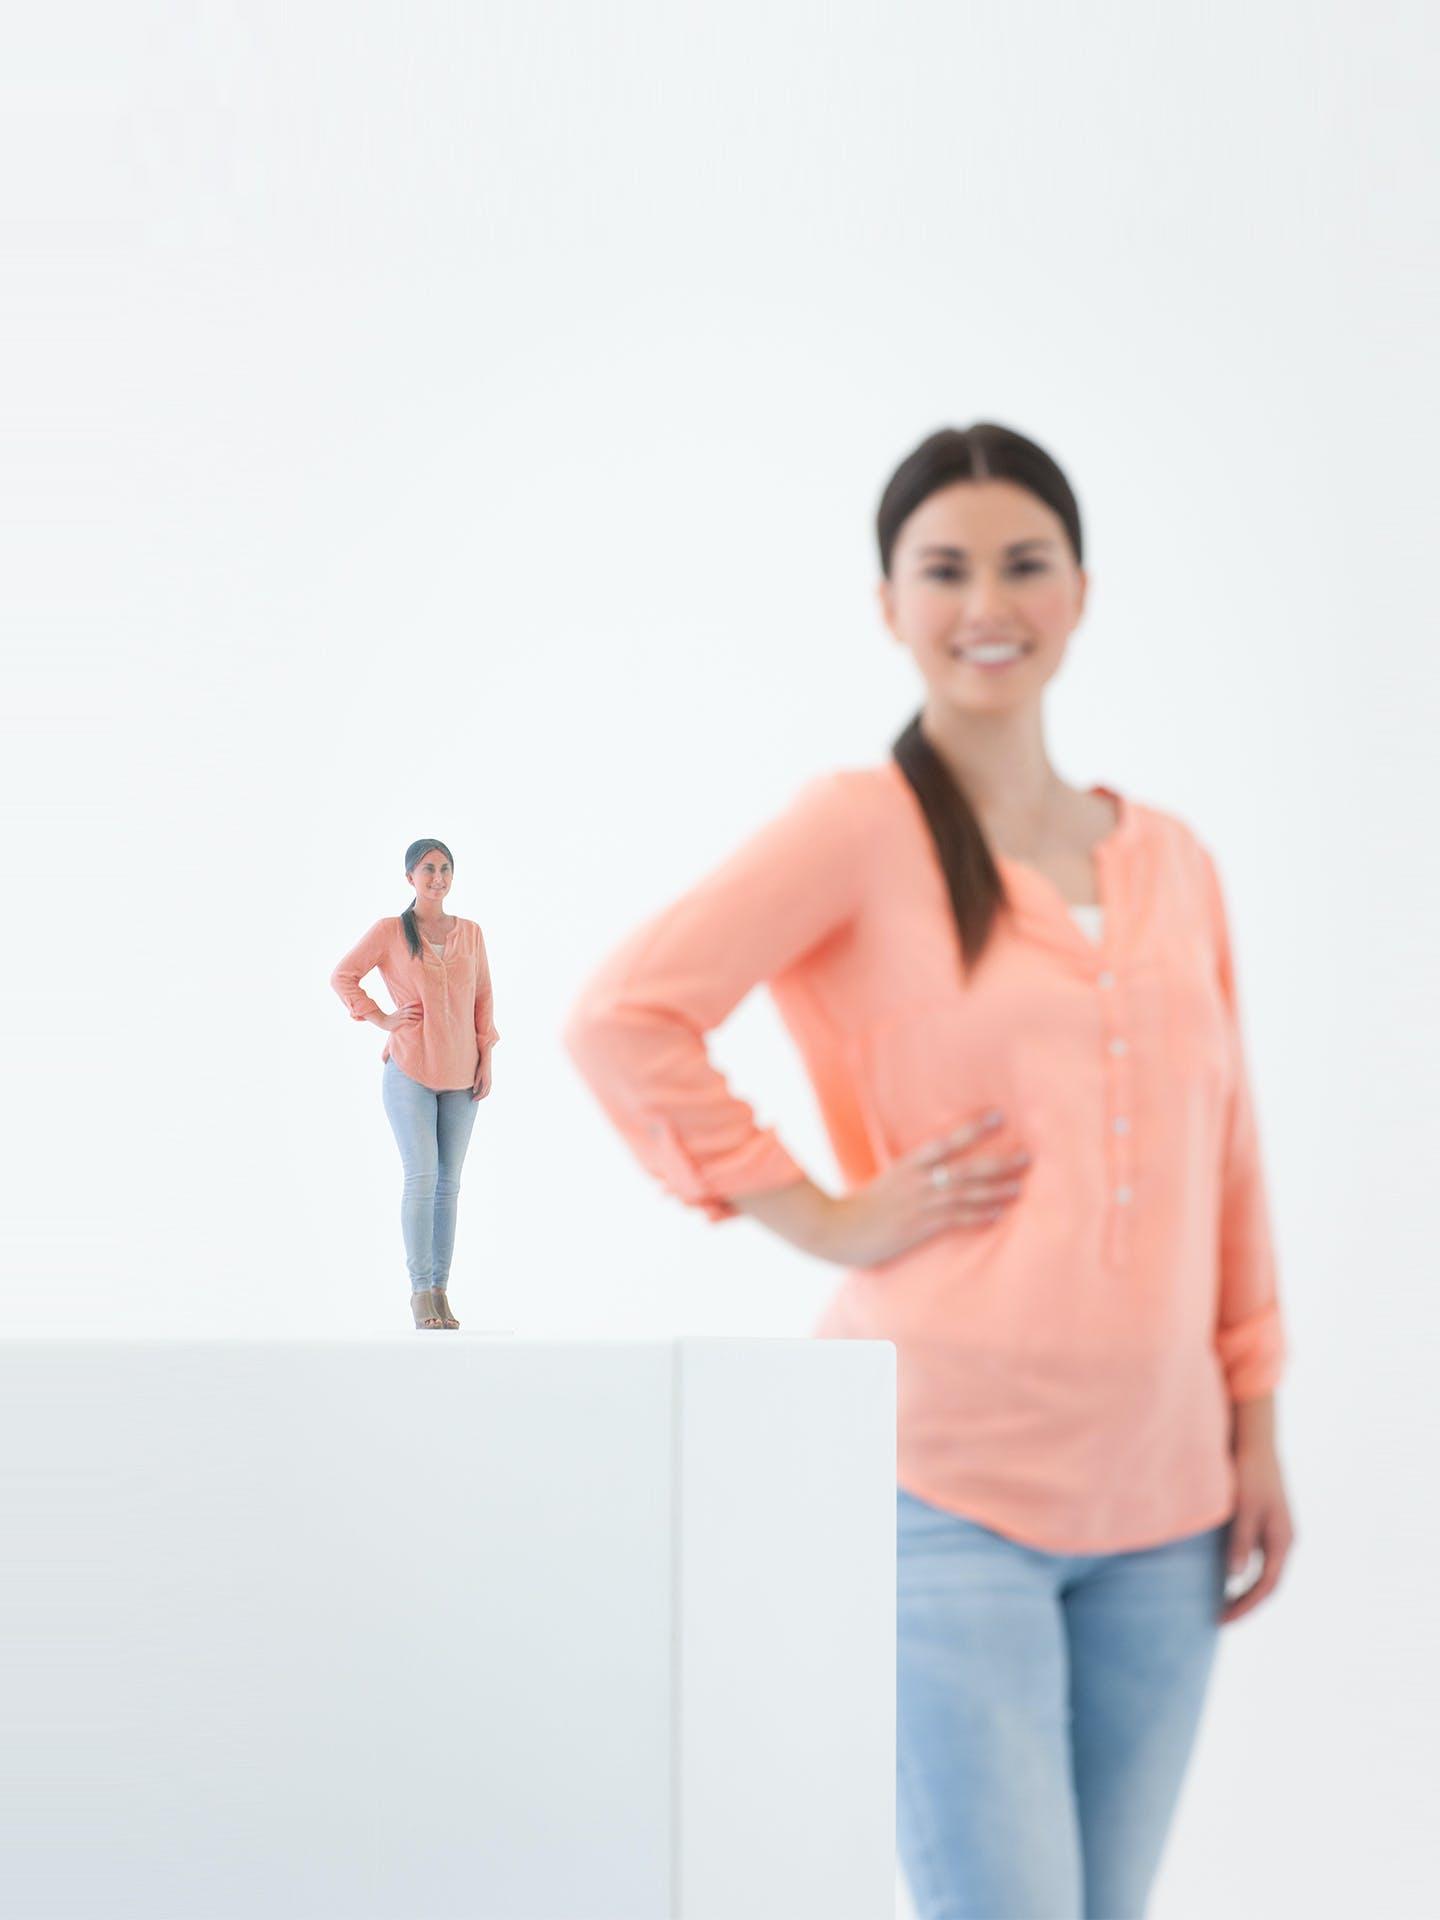 3D Scanner für 3D Druck funktionieren schnell und reibungslos.